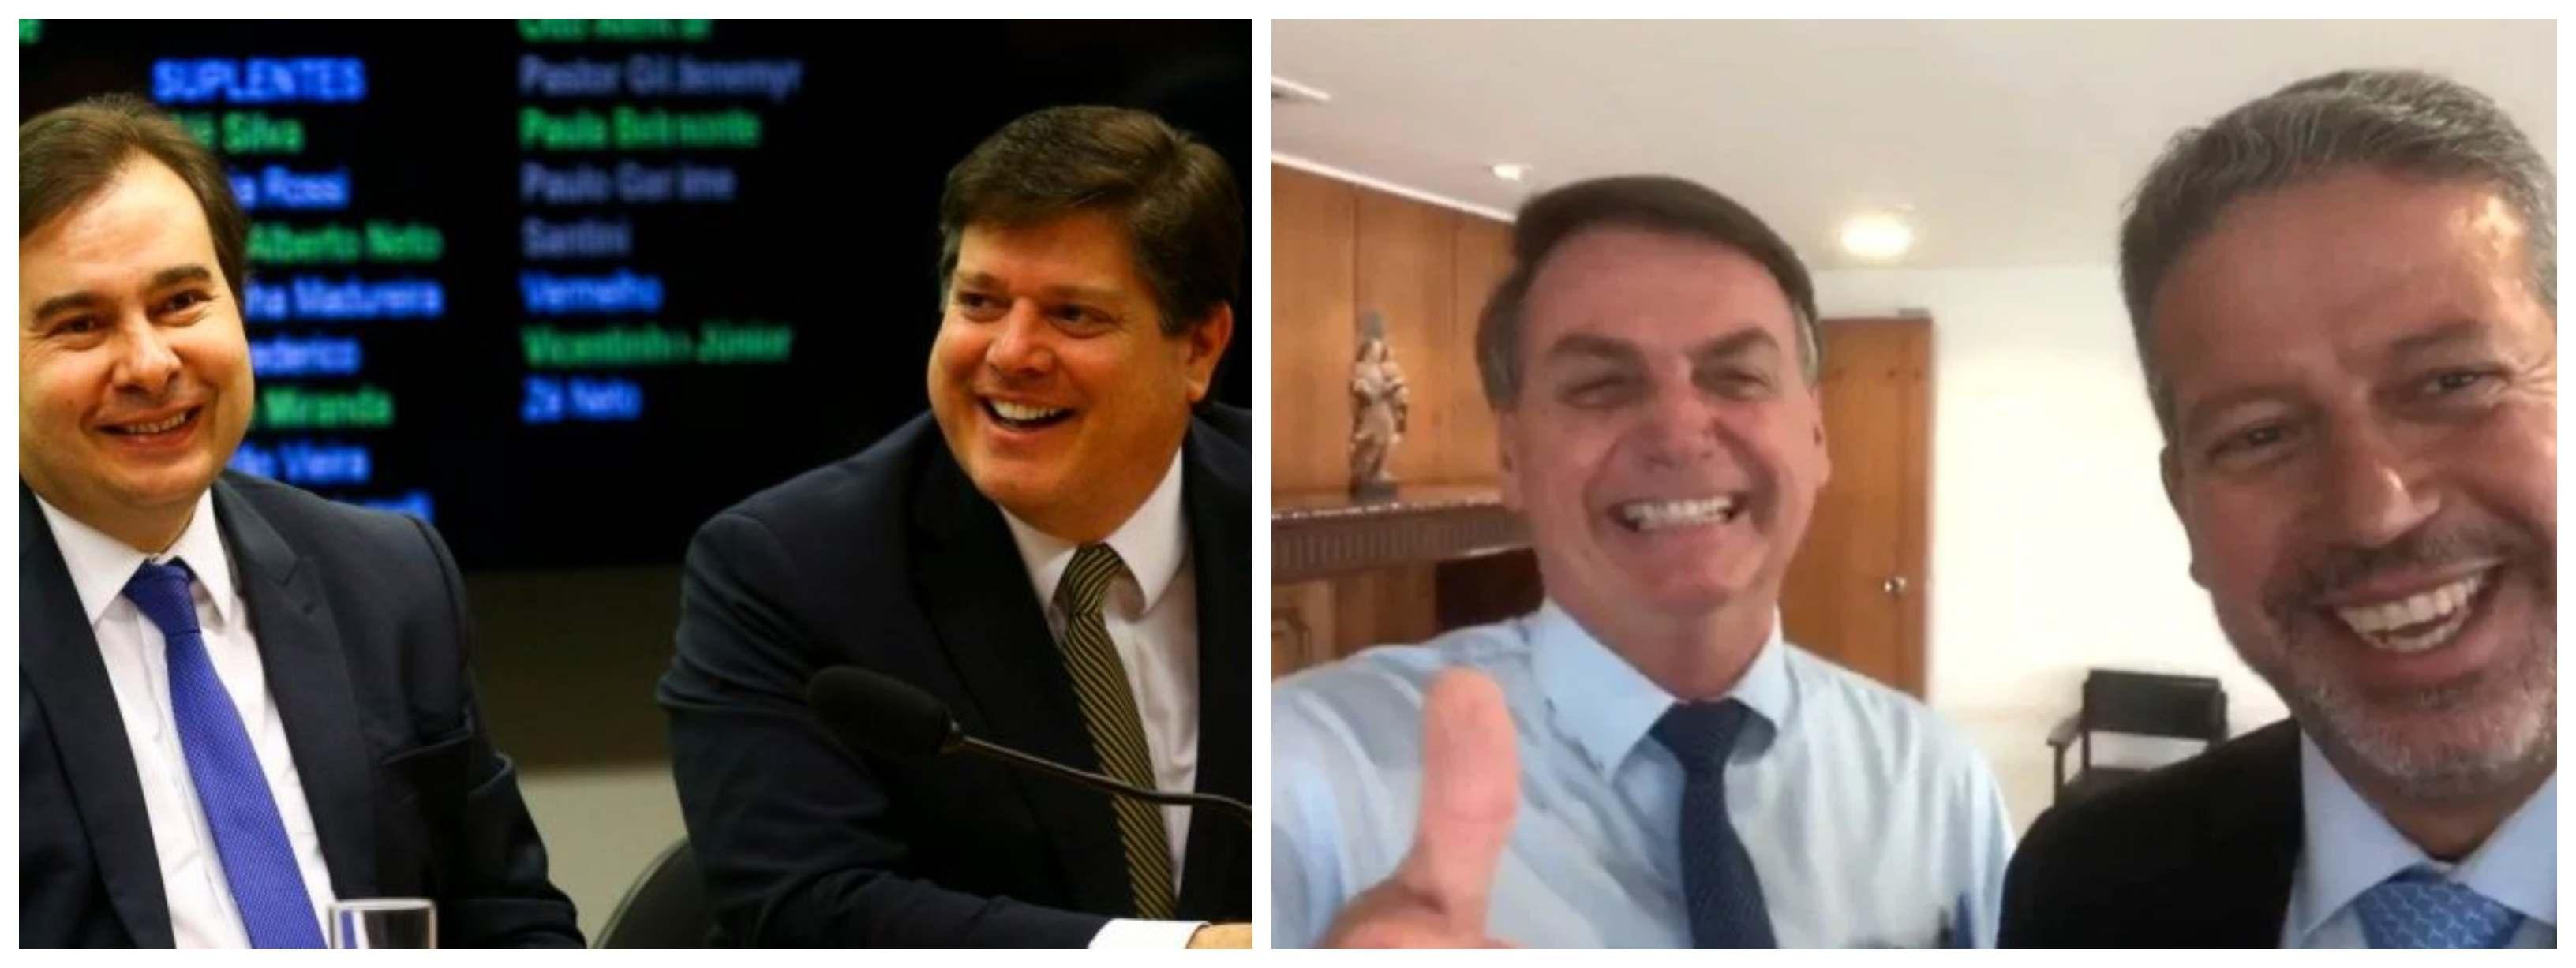 Vivaldo Barbosa: Eleição na Câmara e Senado diz respeito a quem melhor serve aos interesses de quem nos espolia